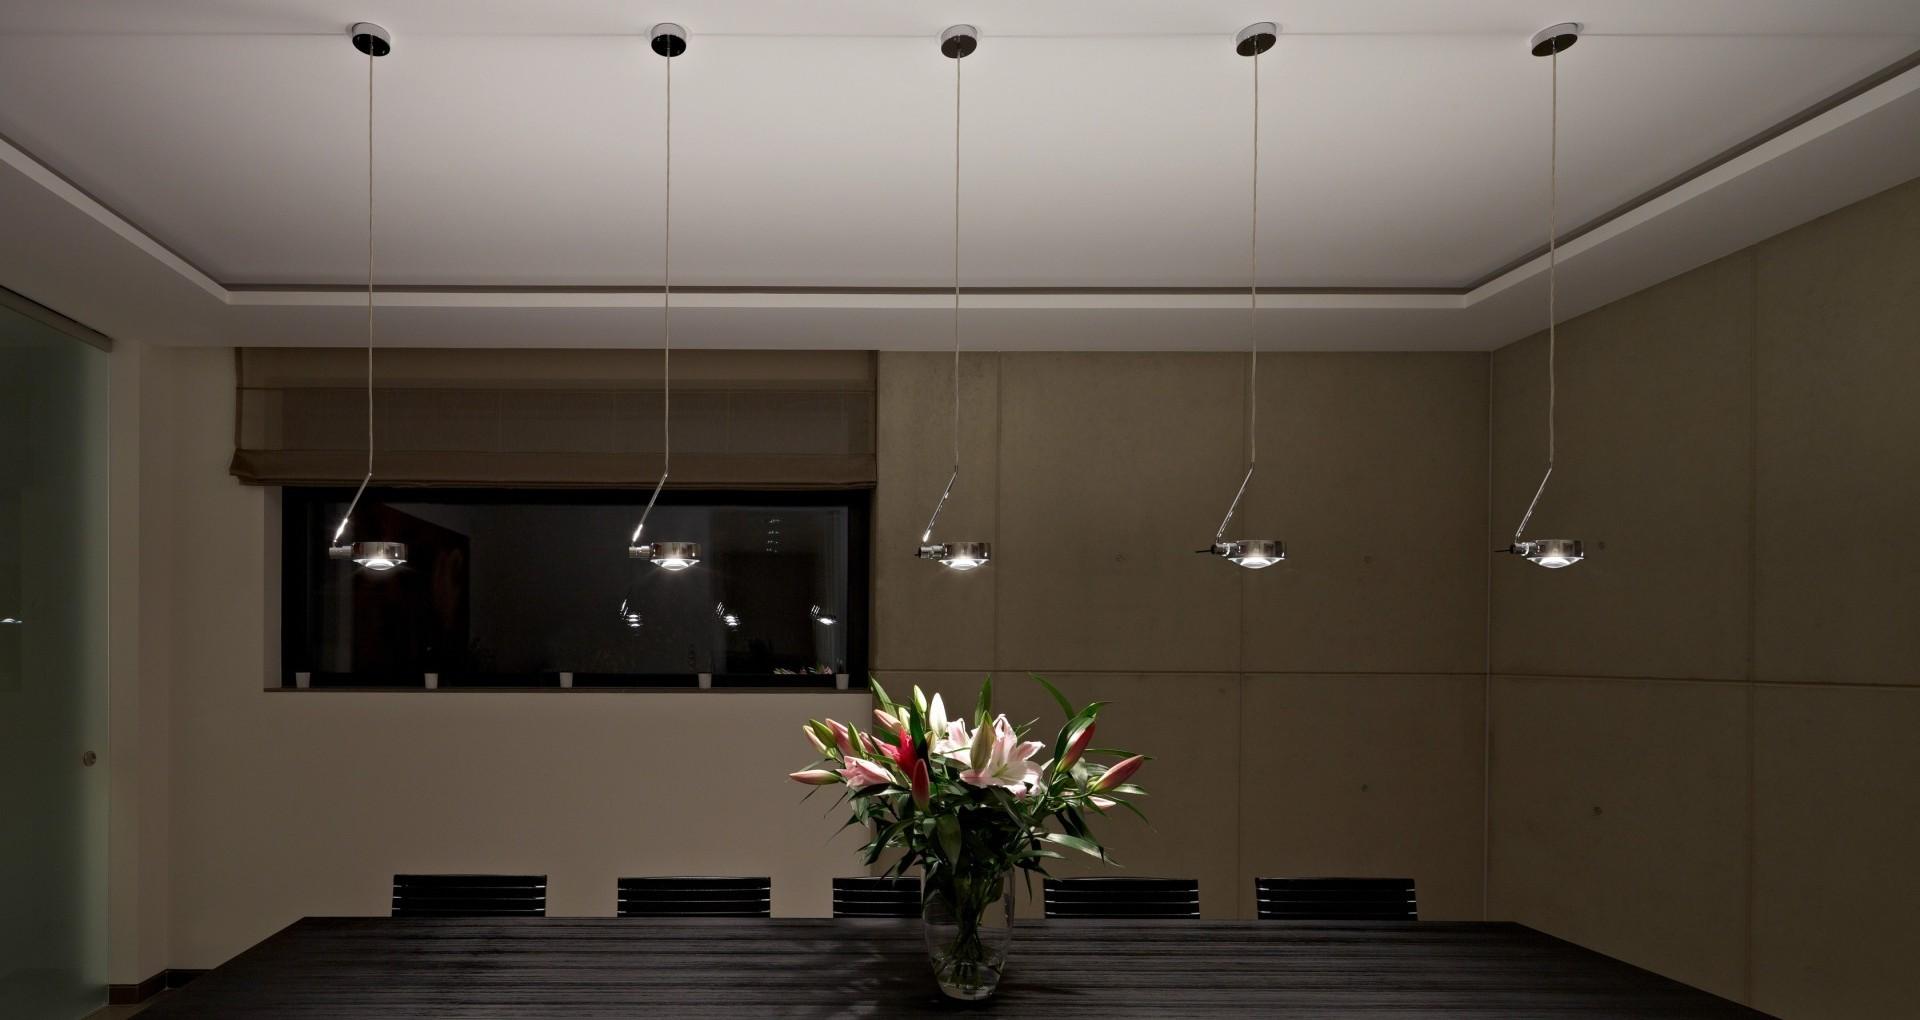 8 sự thật thú vị về đèn LED mà bạn không biết 7